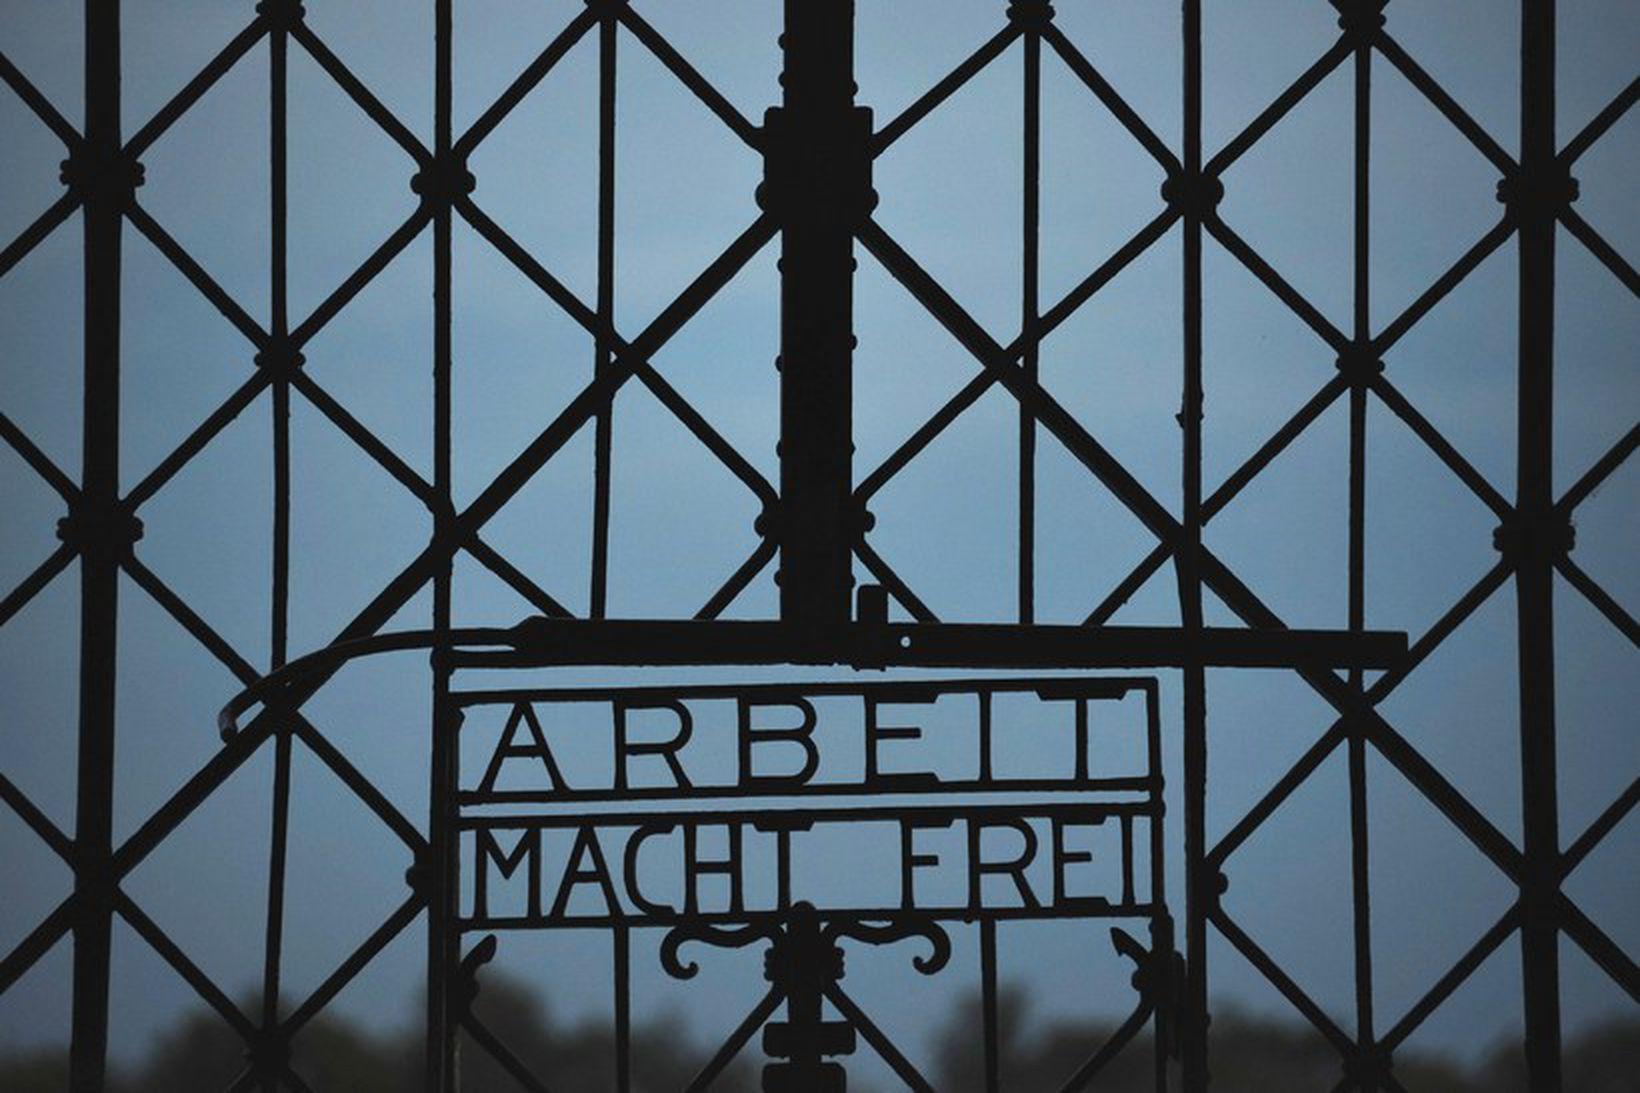 Járnhliðið sem var stolið úr Dachau í nótt Arbeit macht …